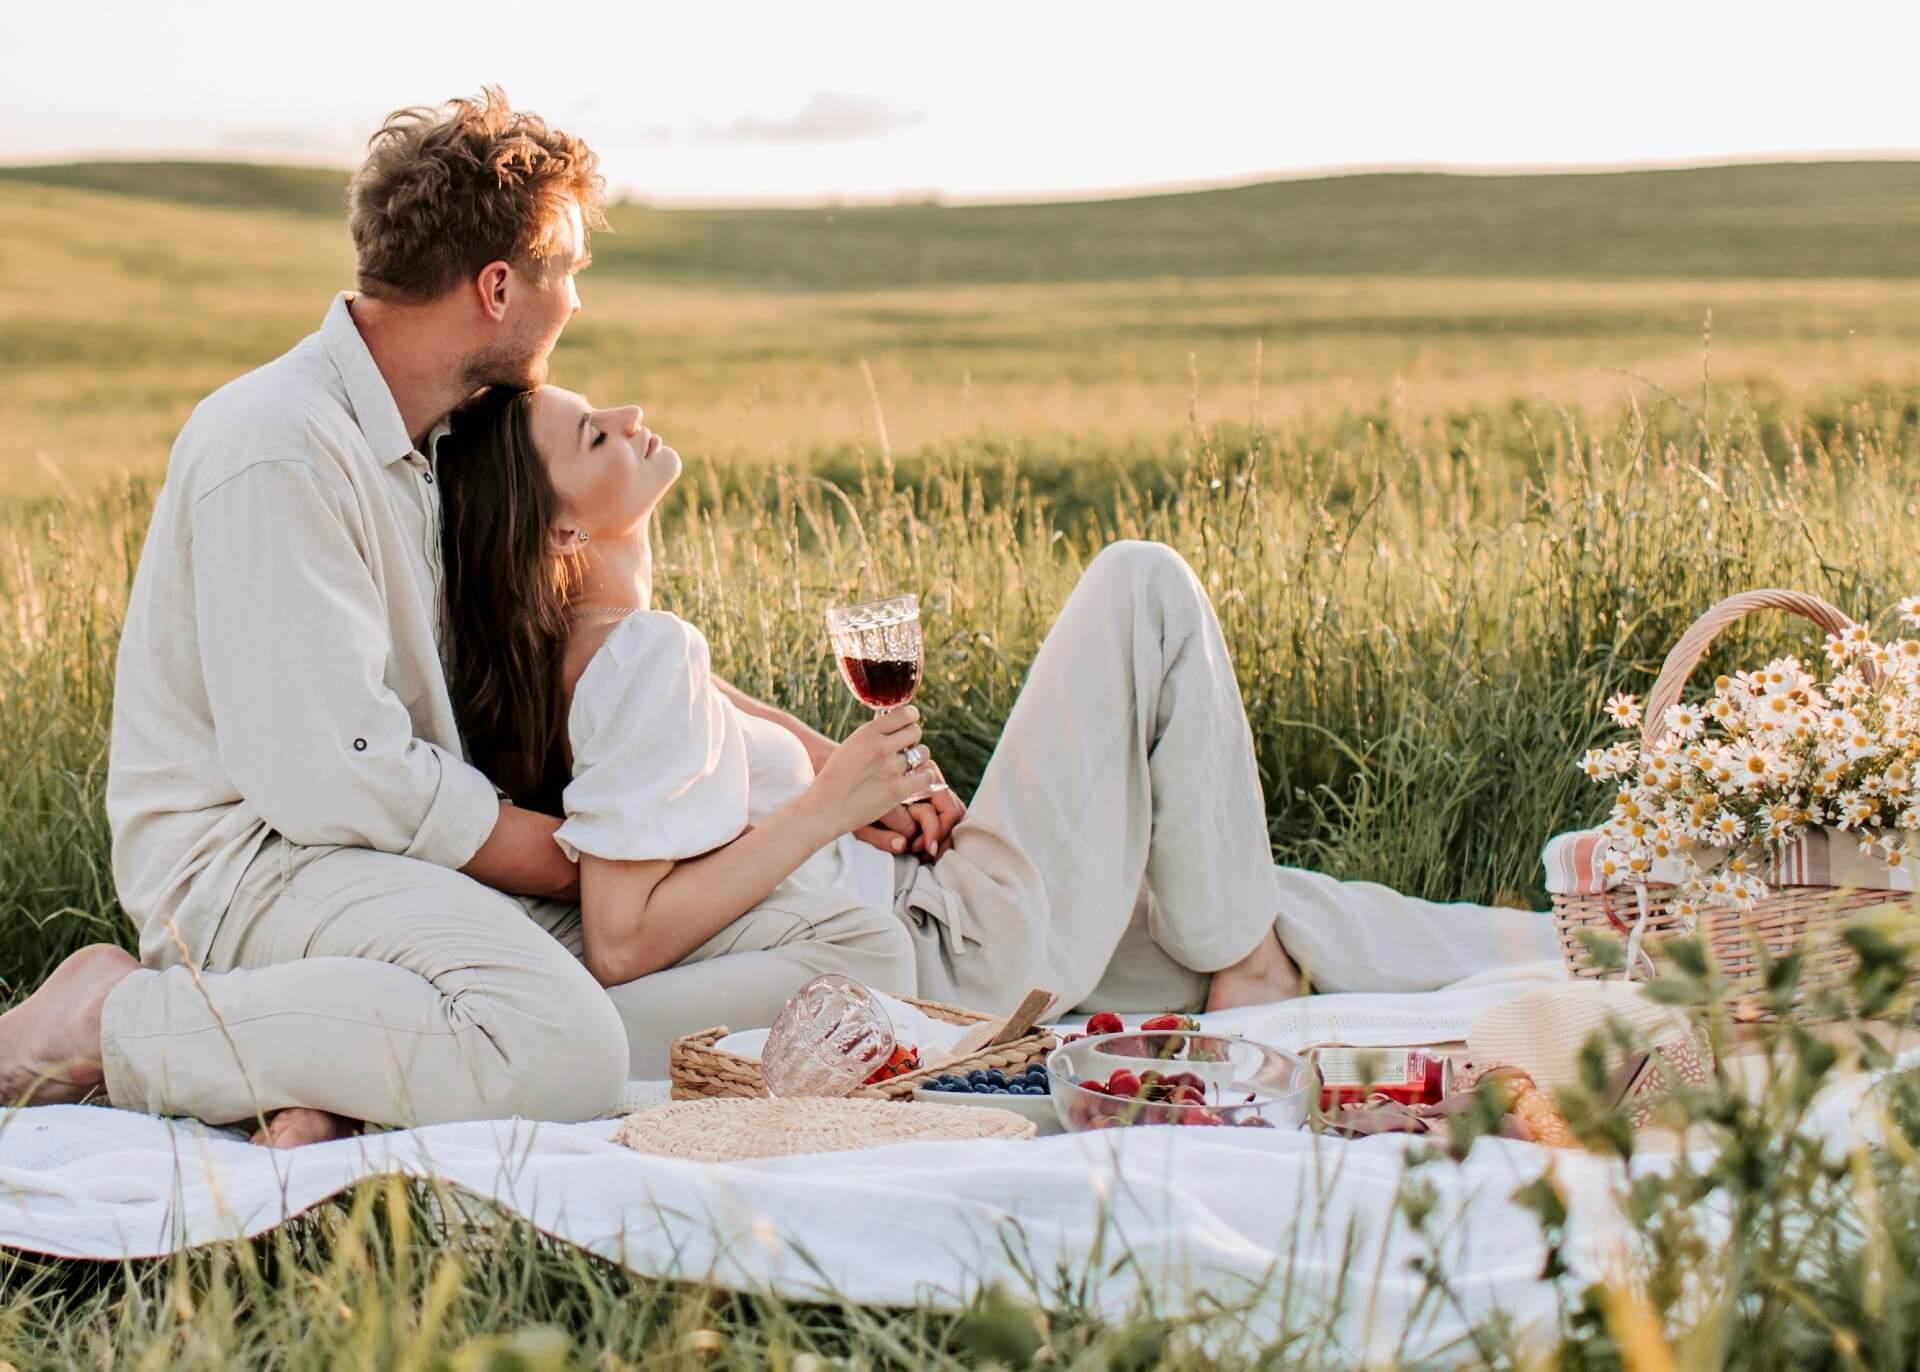 romantic couple on a picnic